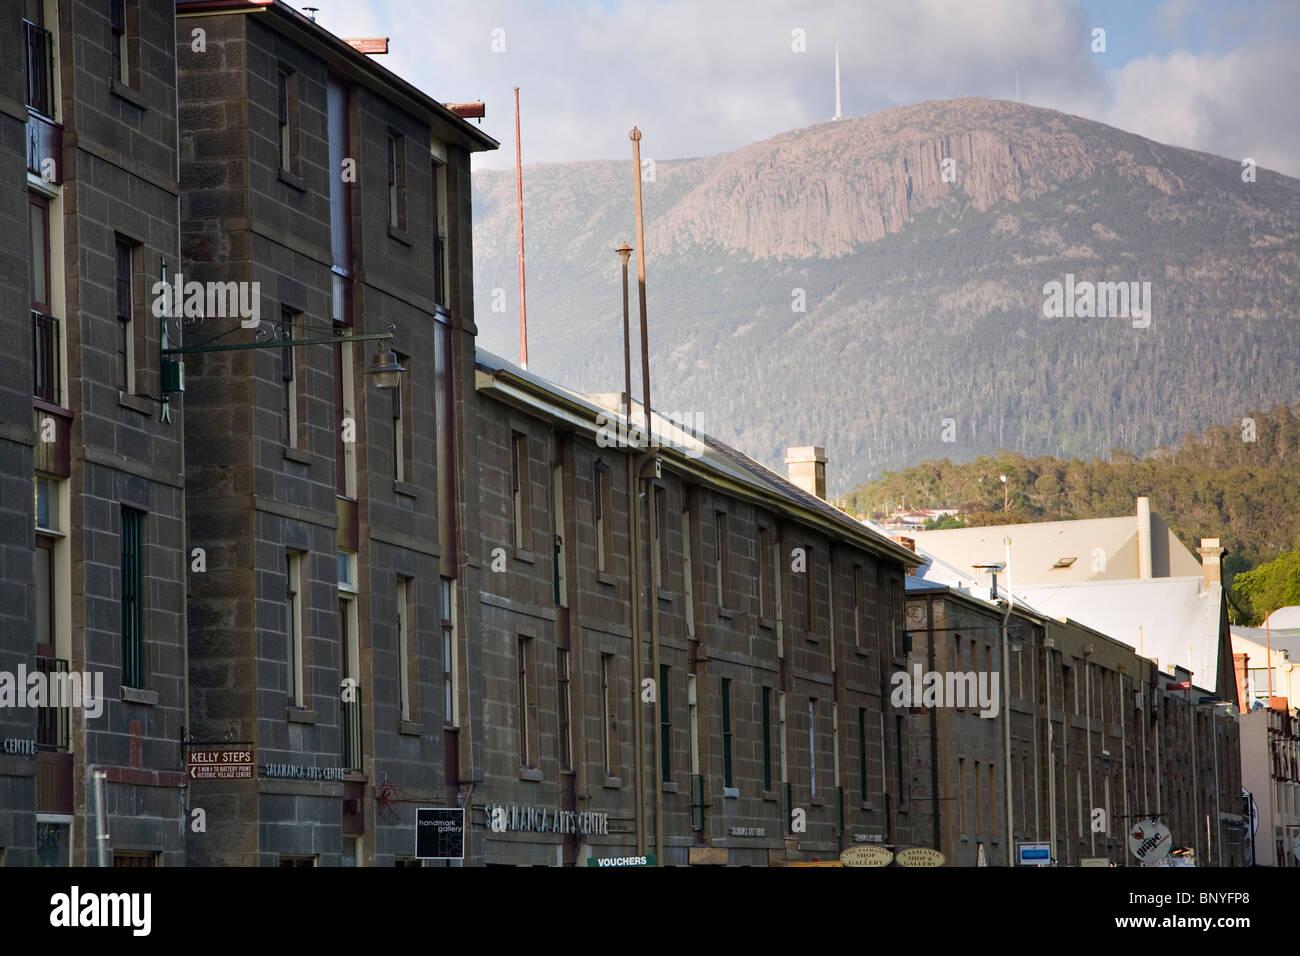 La arquitectura colonial de Salamanca Place con el Monte Wellington detrás. Hobart, Tasmania, Australia Imagen De Stock